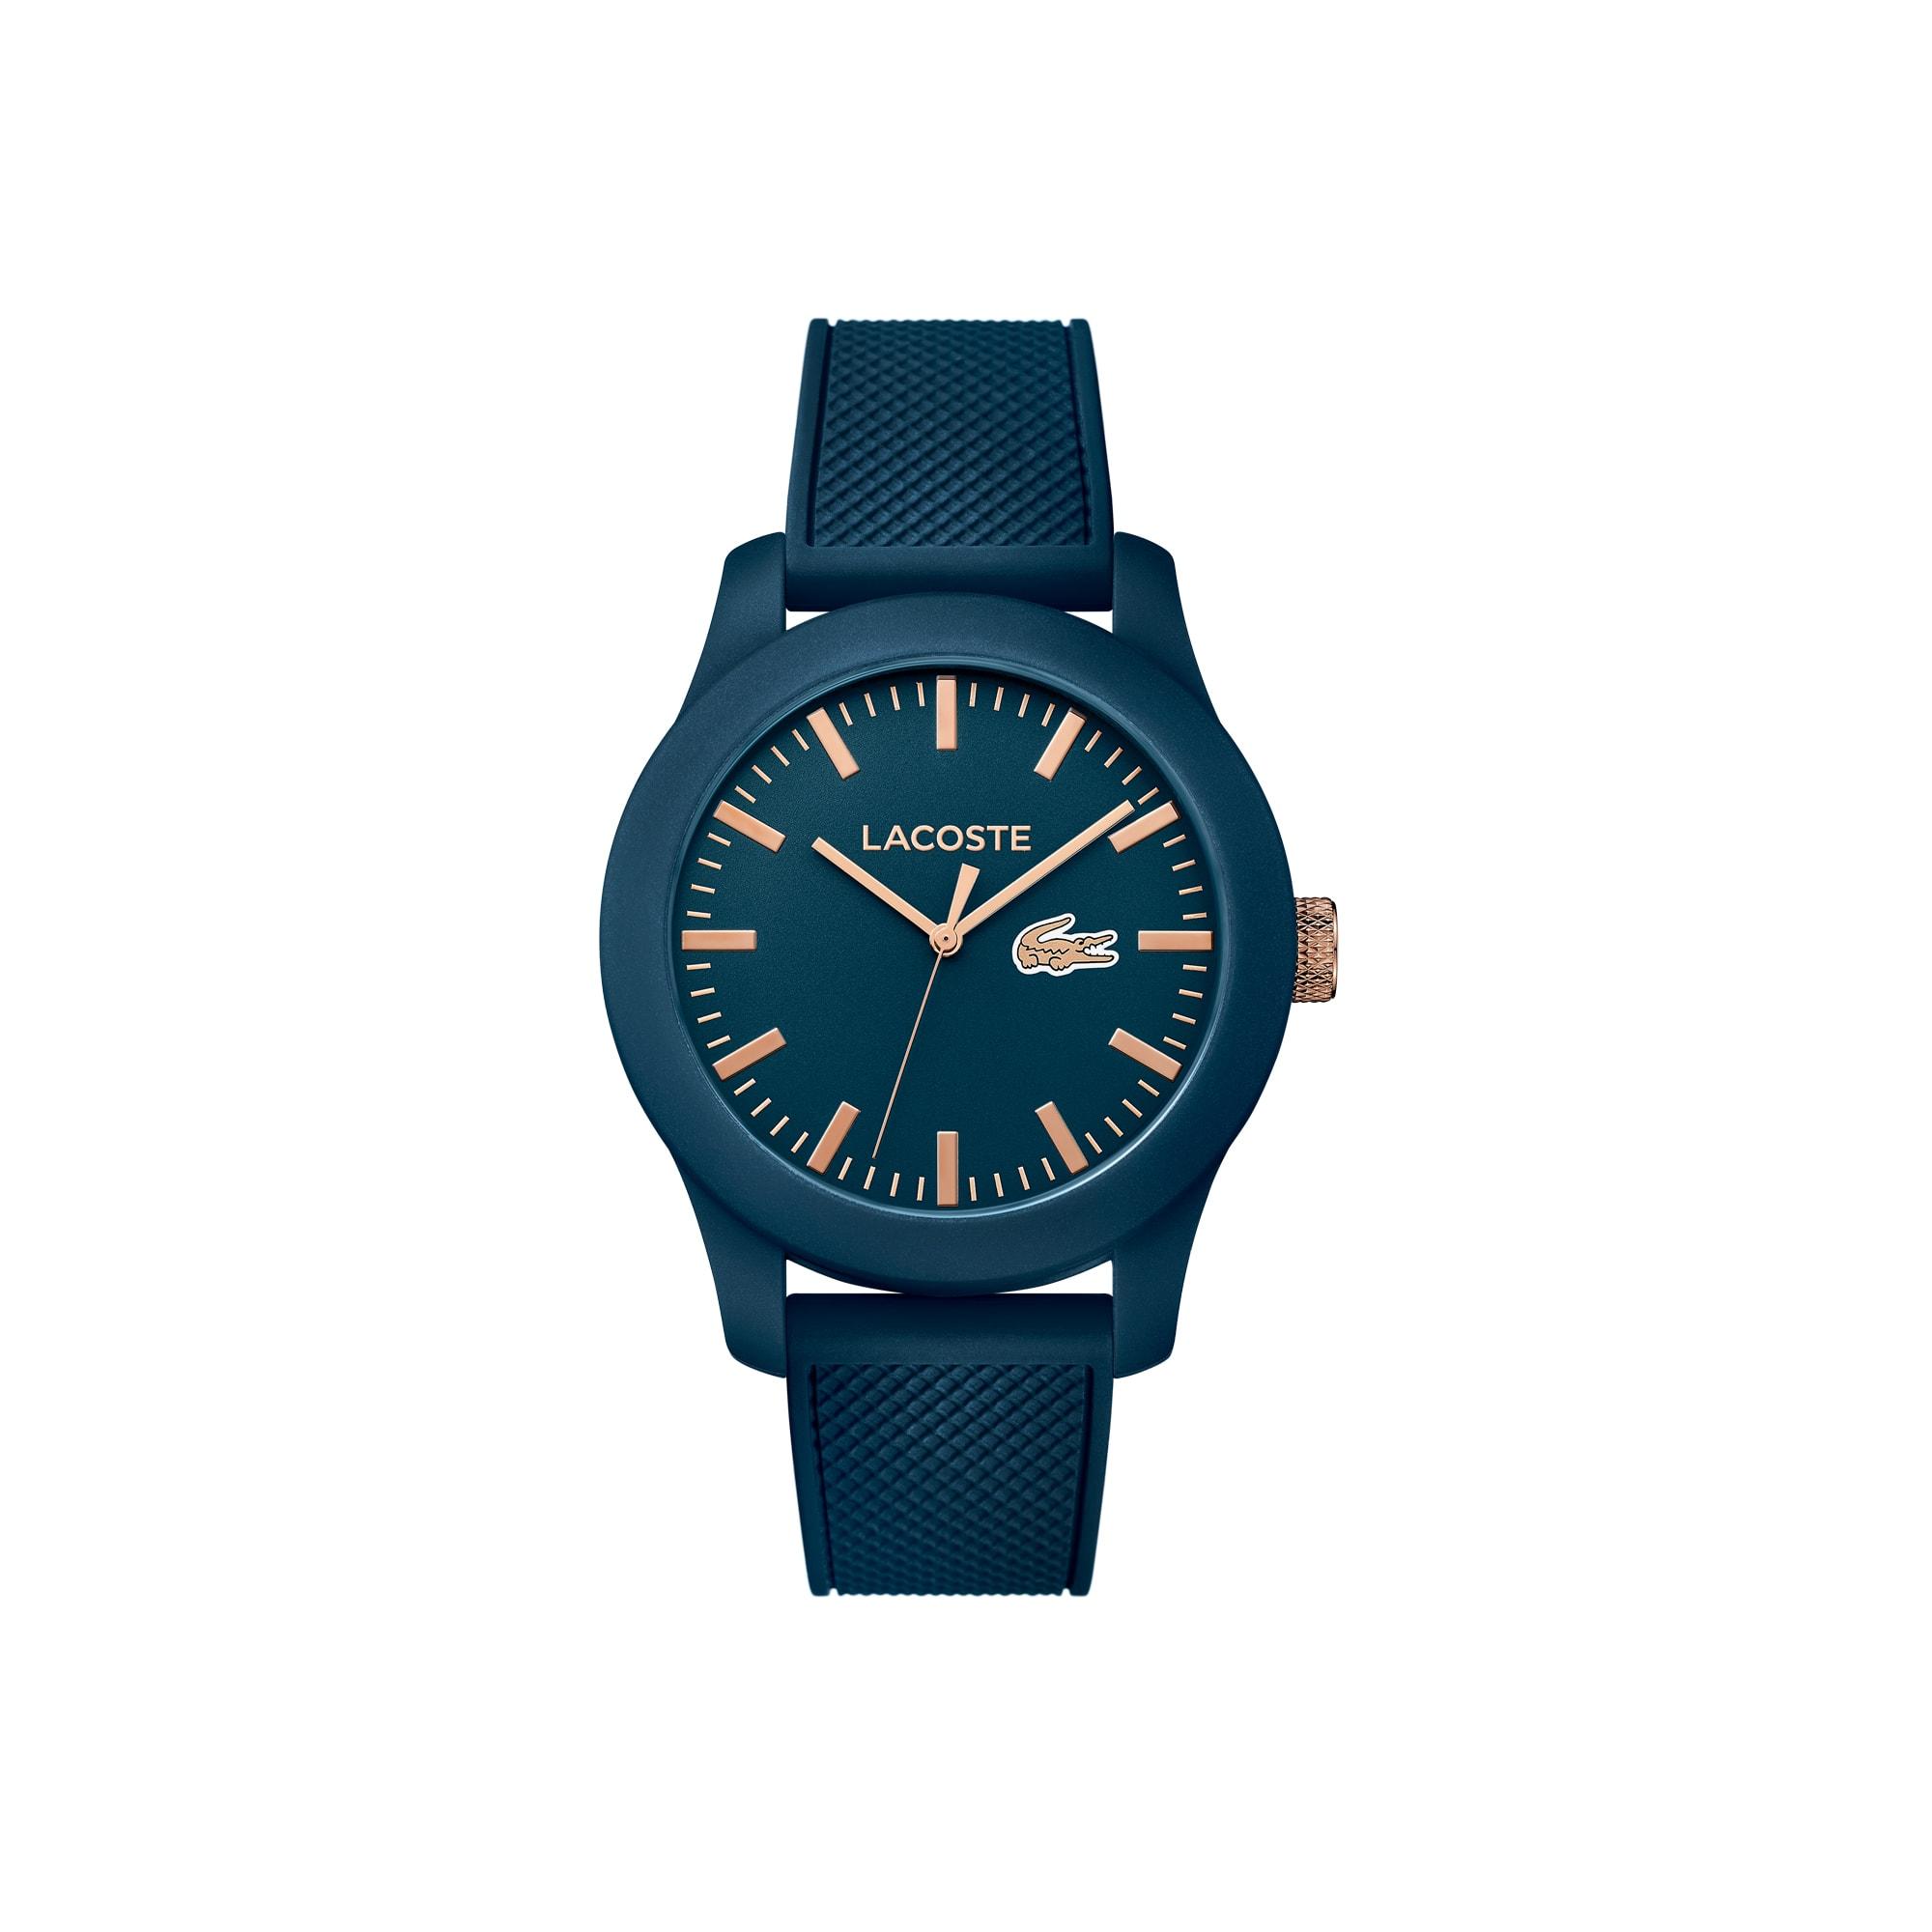 Relógio Lacoste.12.12 com pulseira de silicone azul e detalhes rosé no mostrador